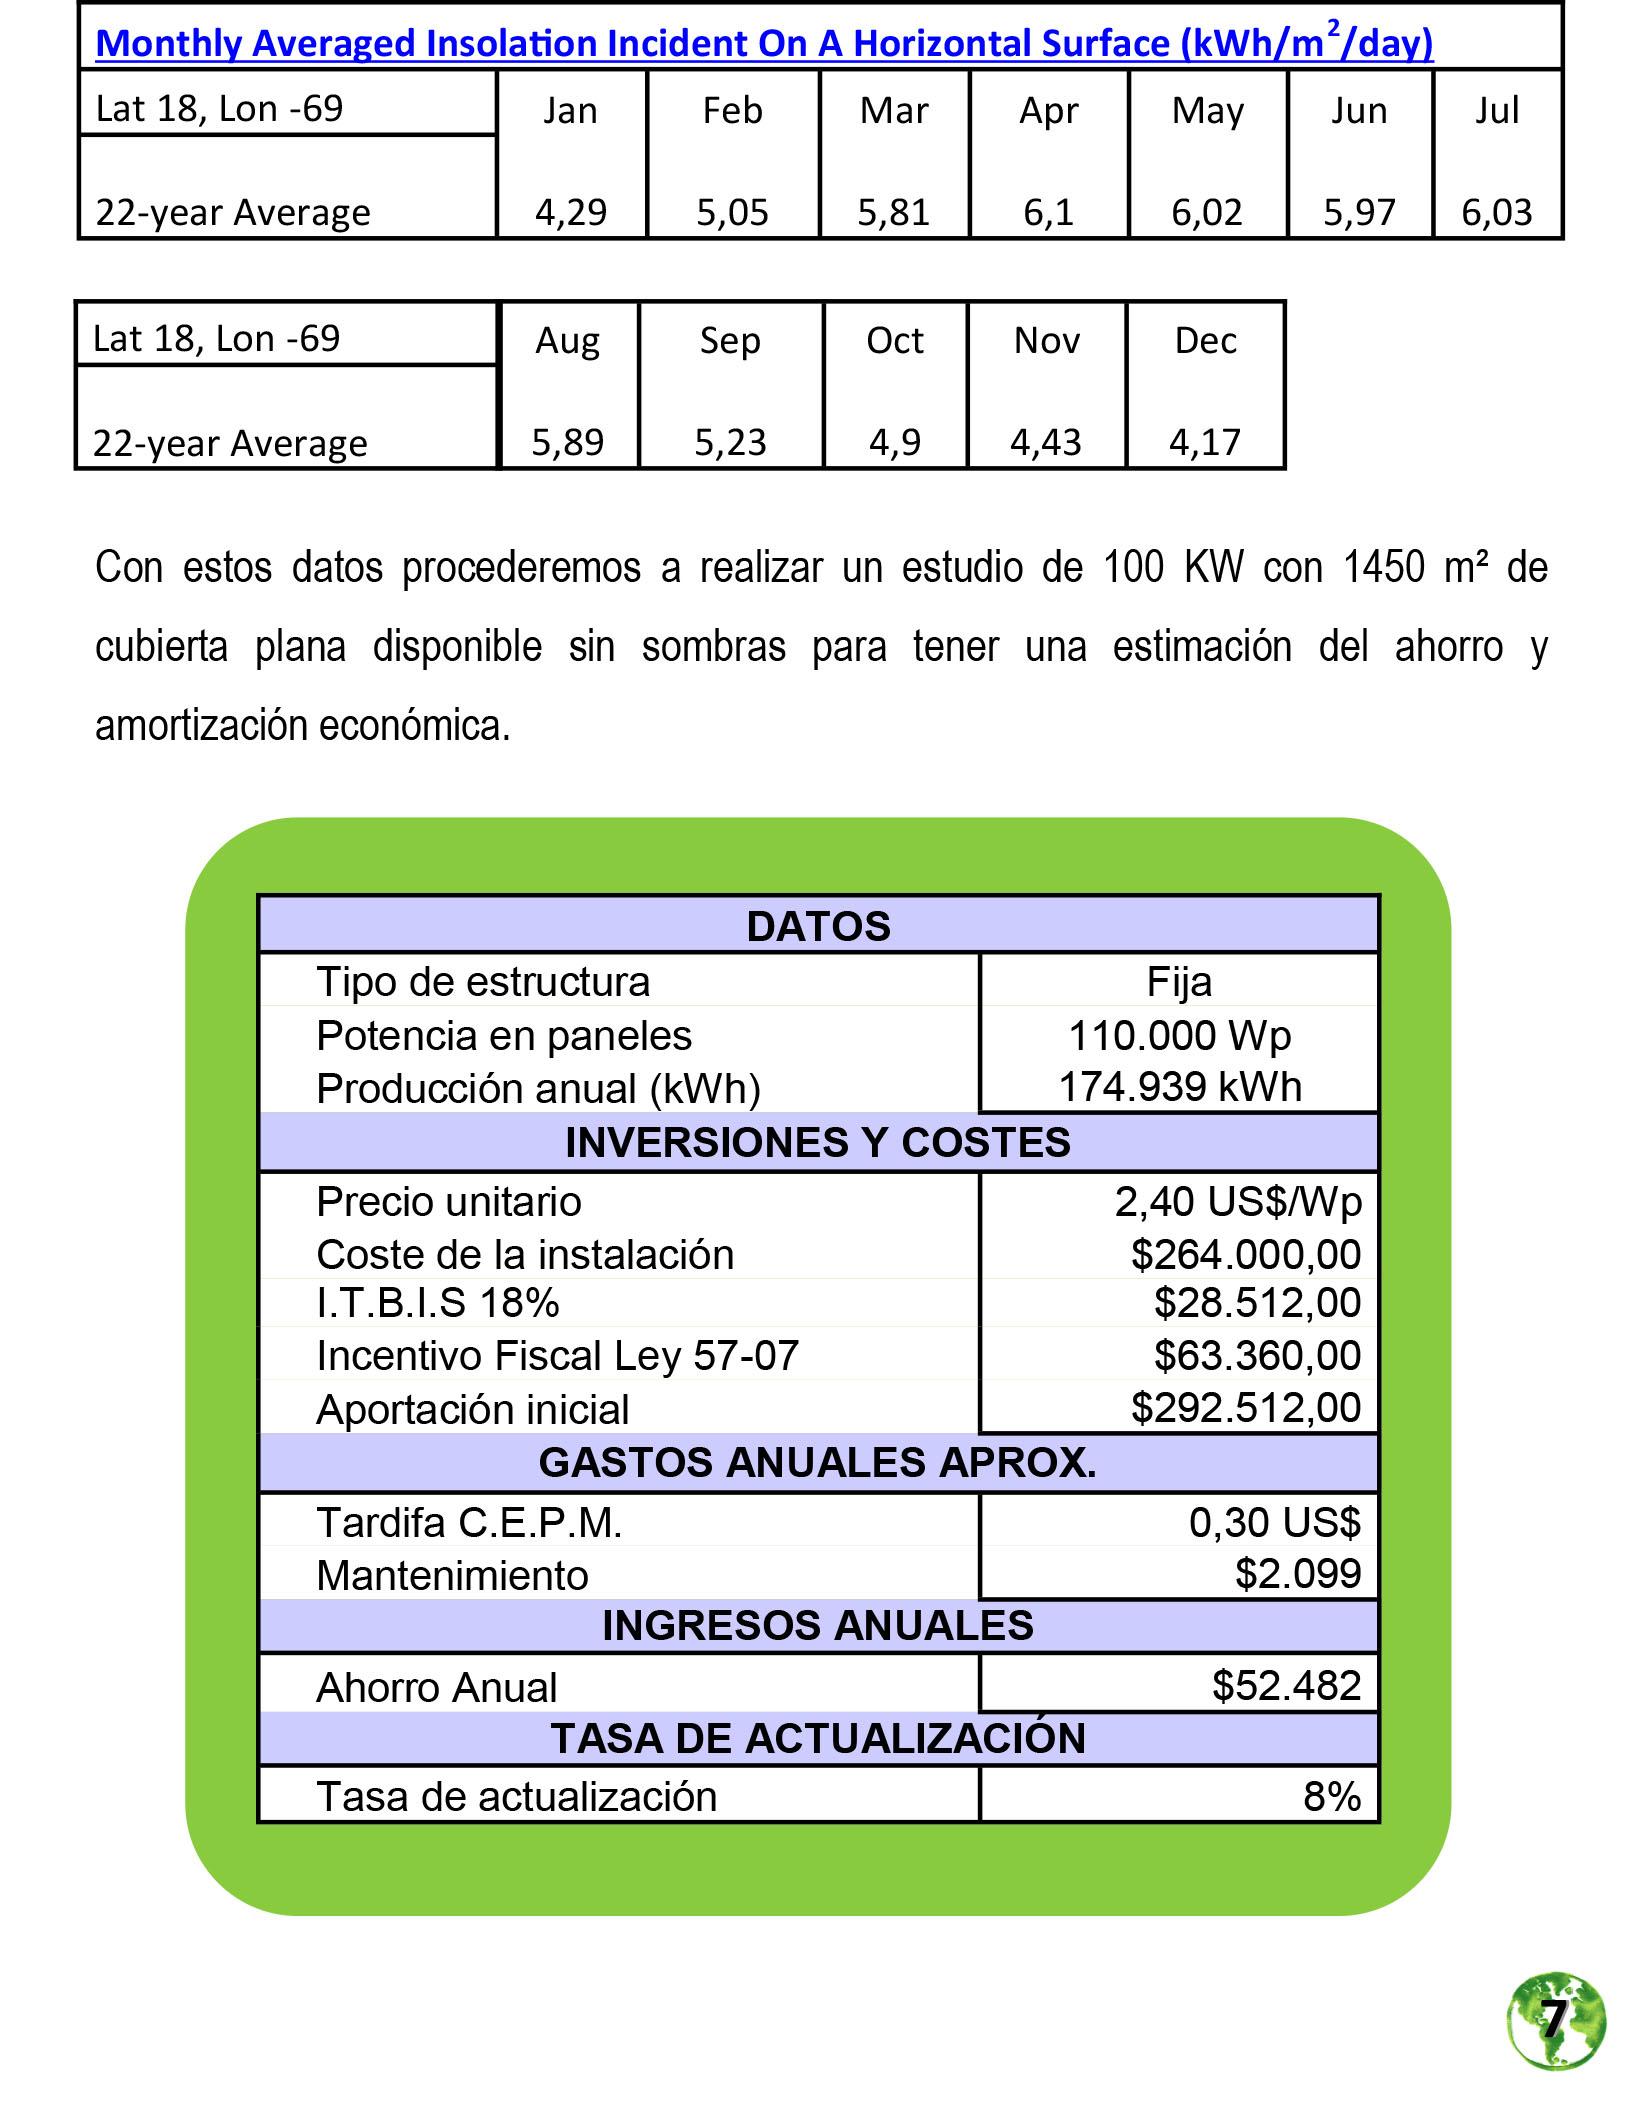 folleto 12-09-13-7.jpg